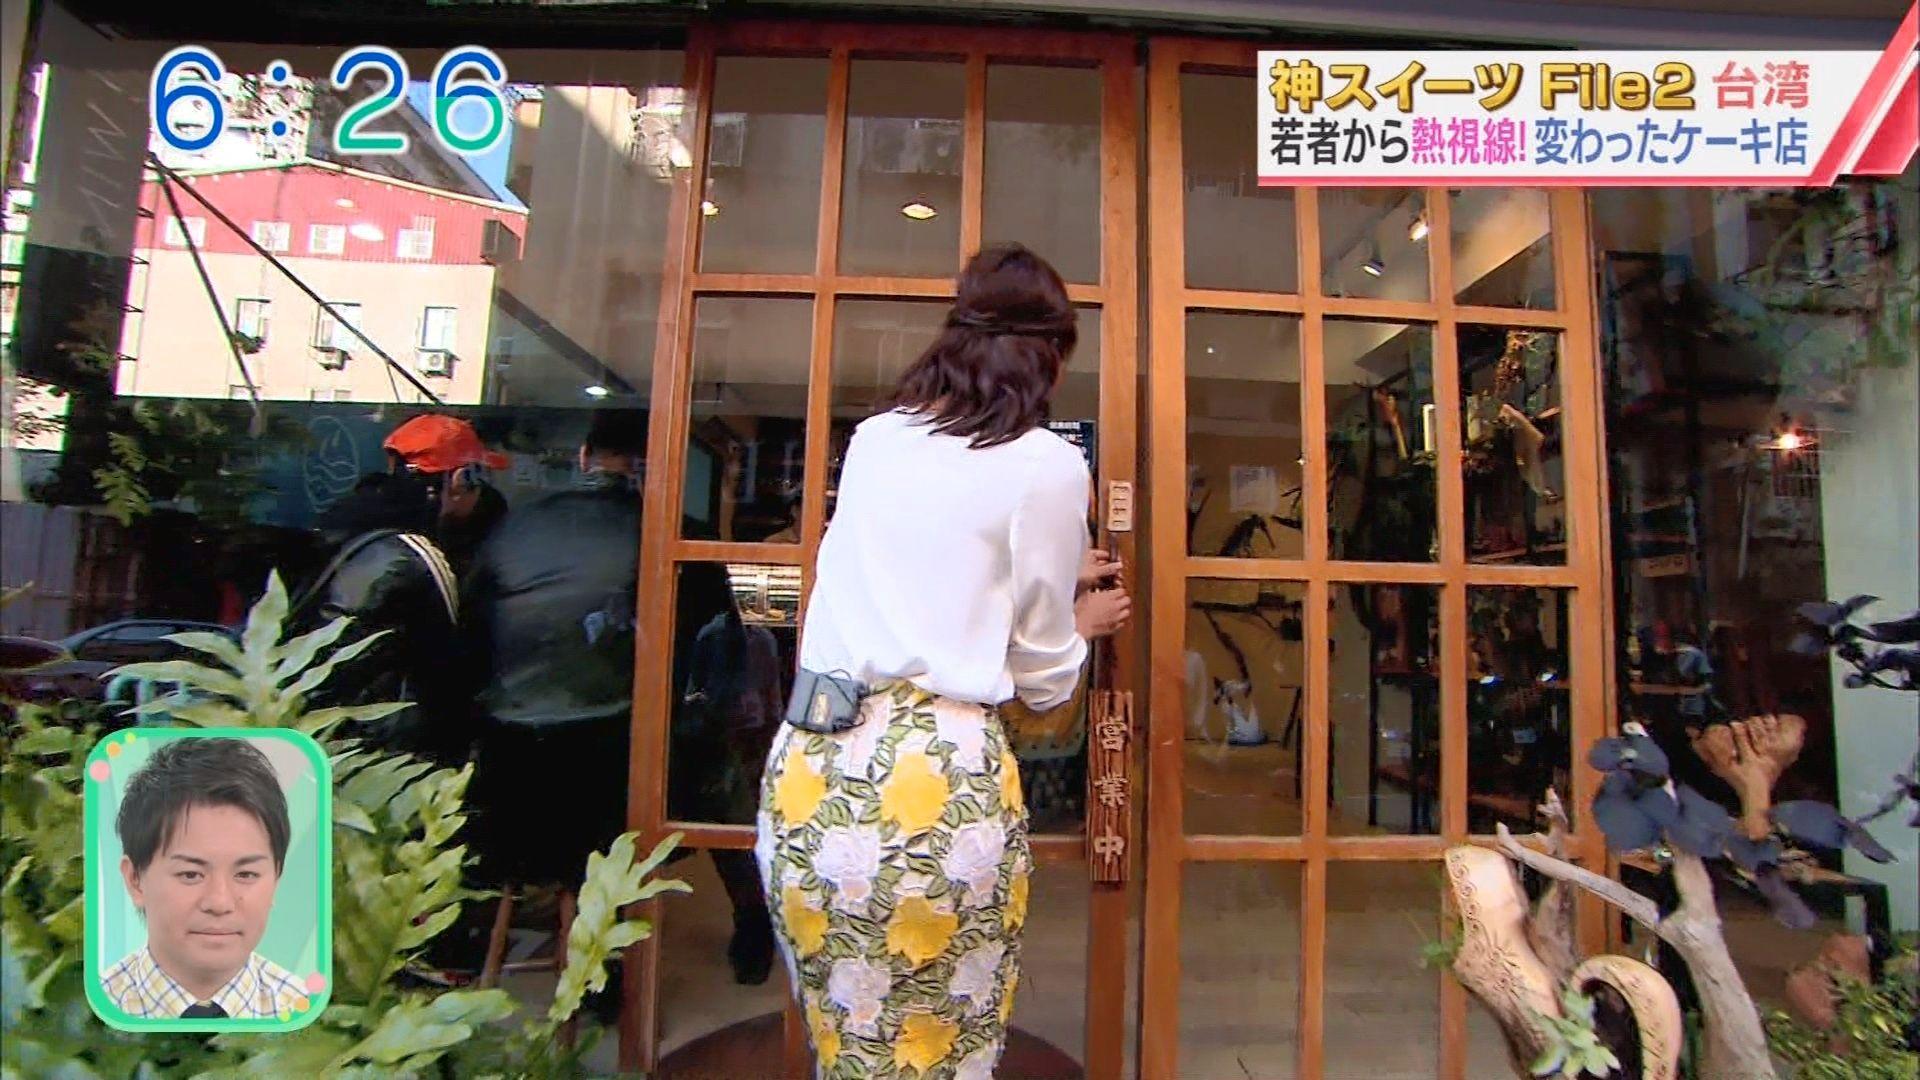 斎藤真美さんのお尻がエッチな台湾スイーツレポ24